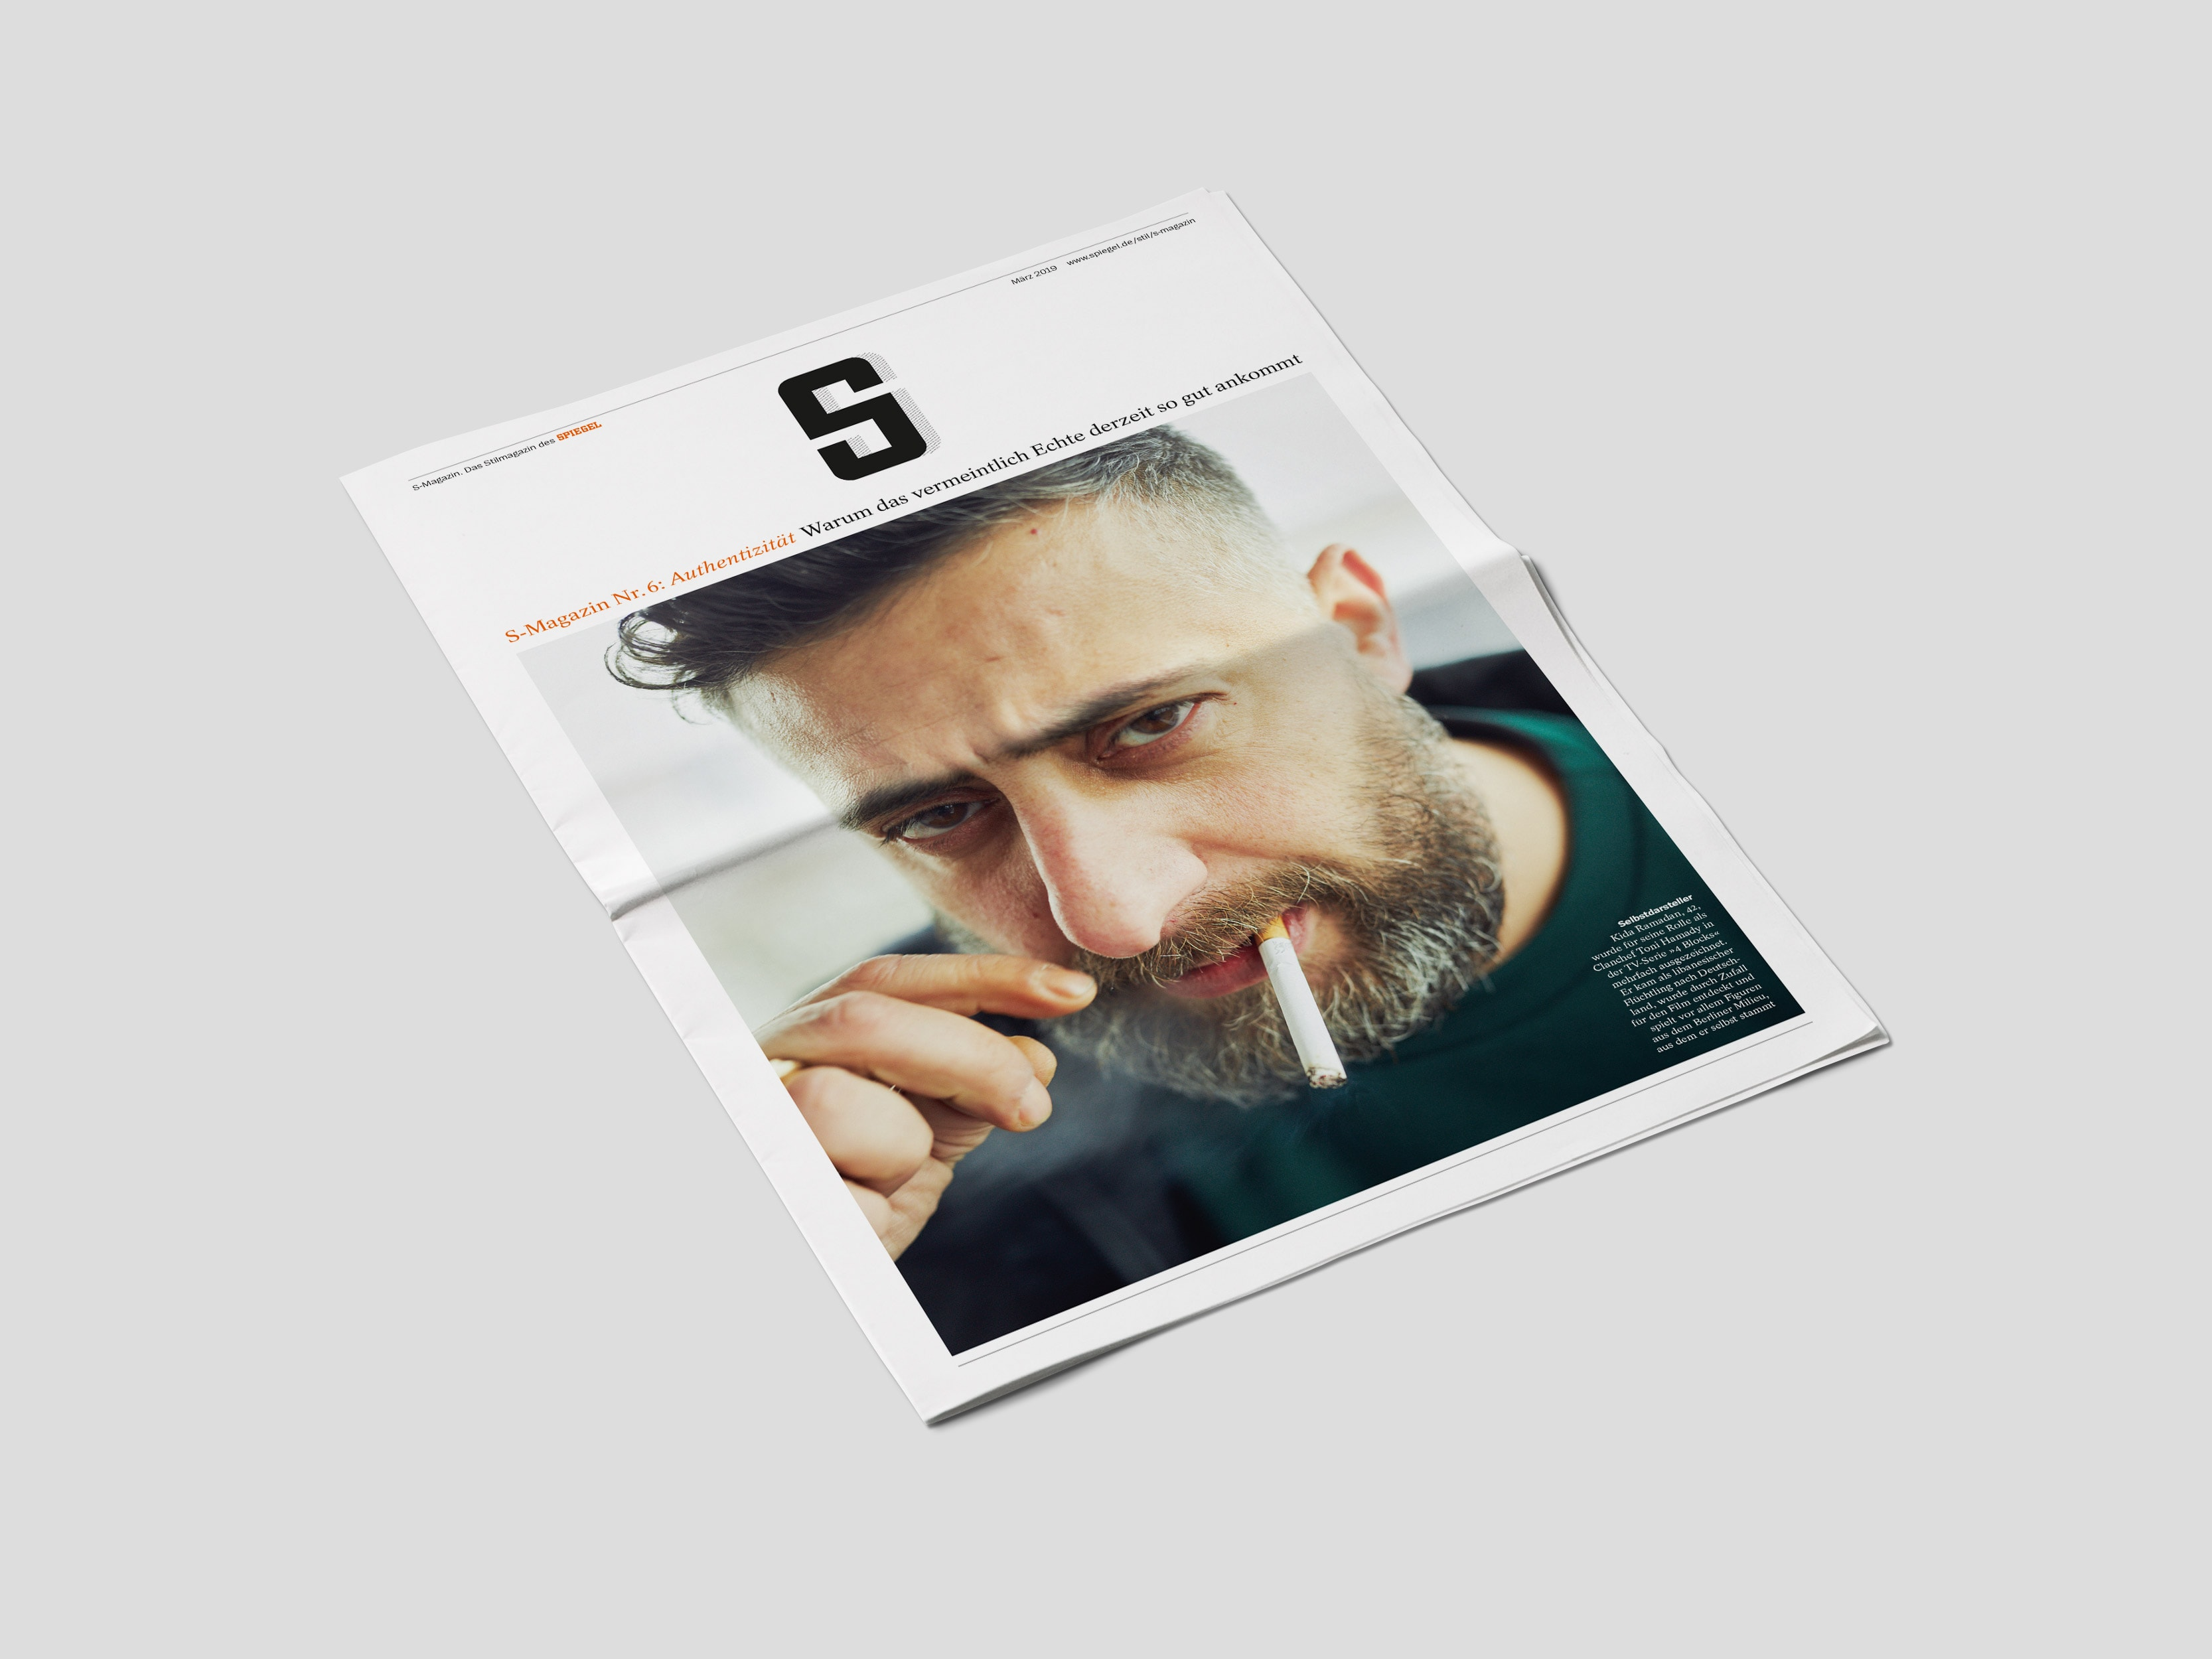 Bureau Johannes Erler – Das neue S ist da!